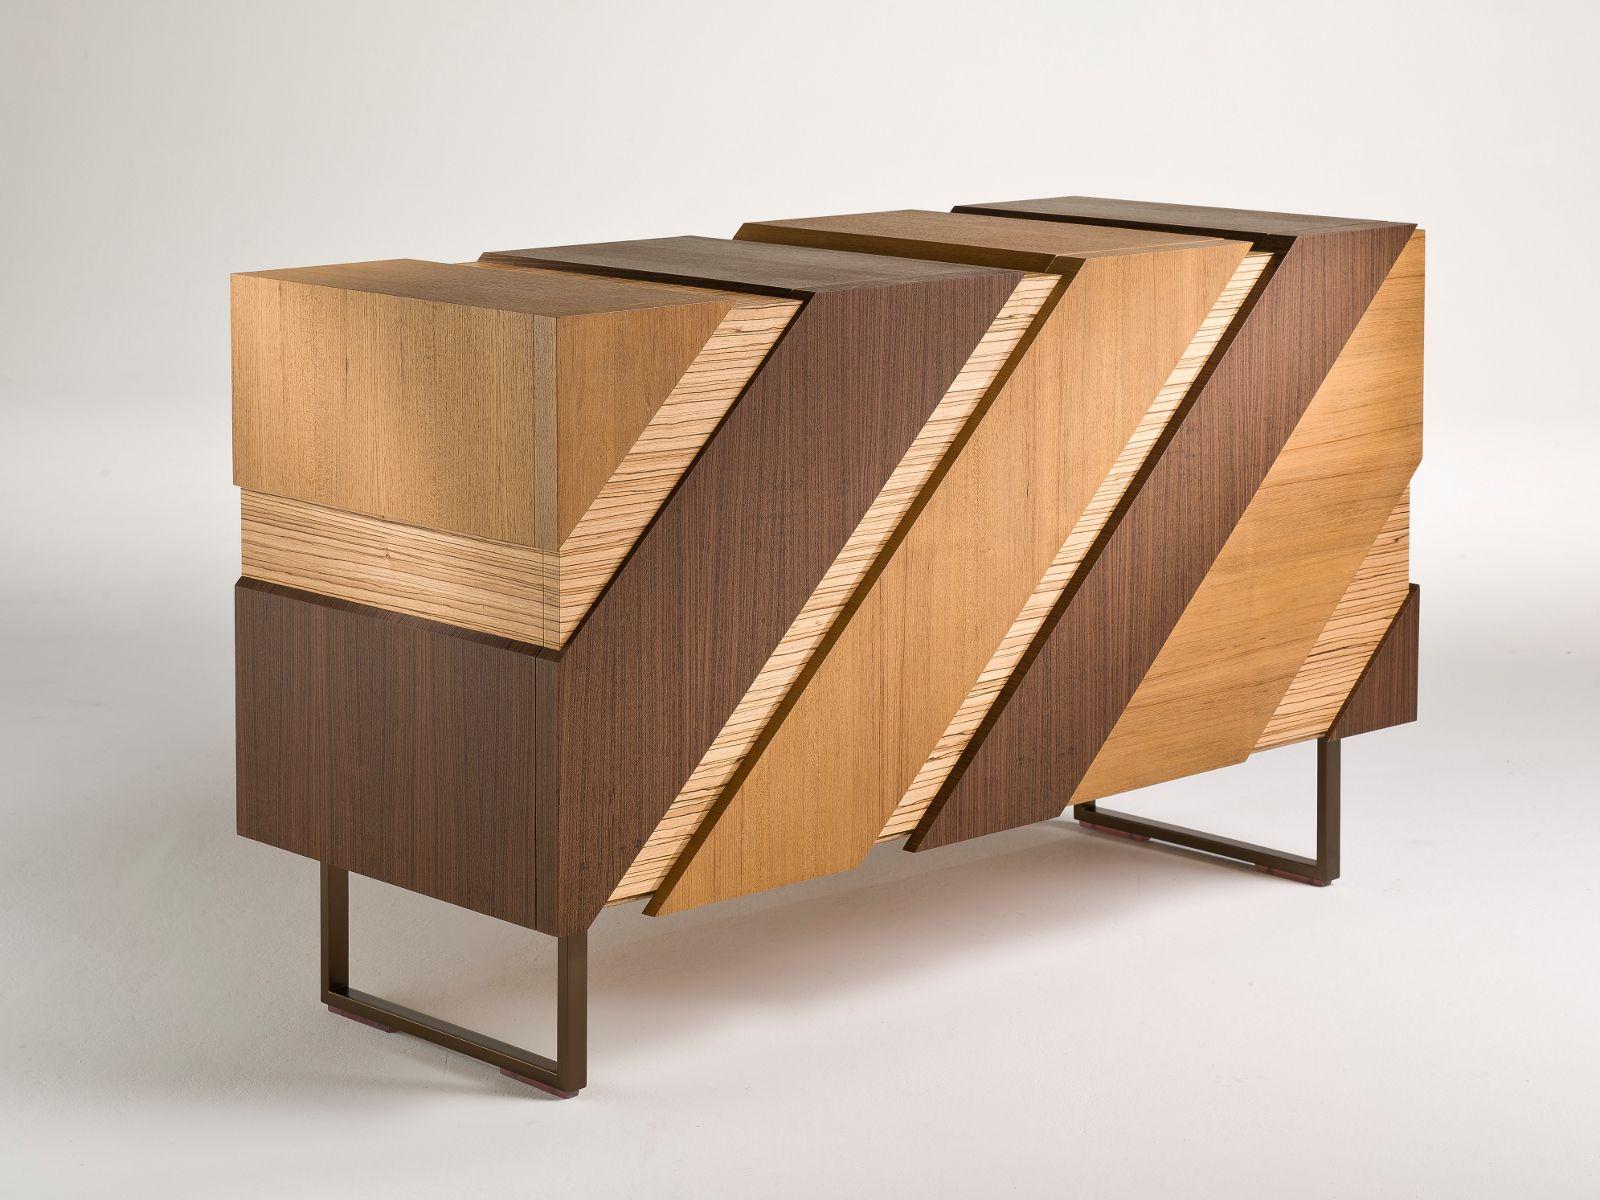 Sideboard design holz  Sideboard aus Holz mit Flügeltüren SLIDE By i 4 Mariani Design ...